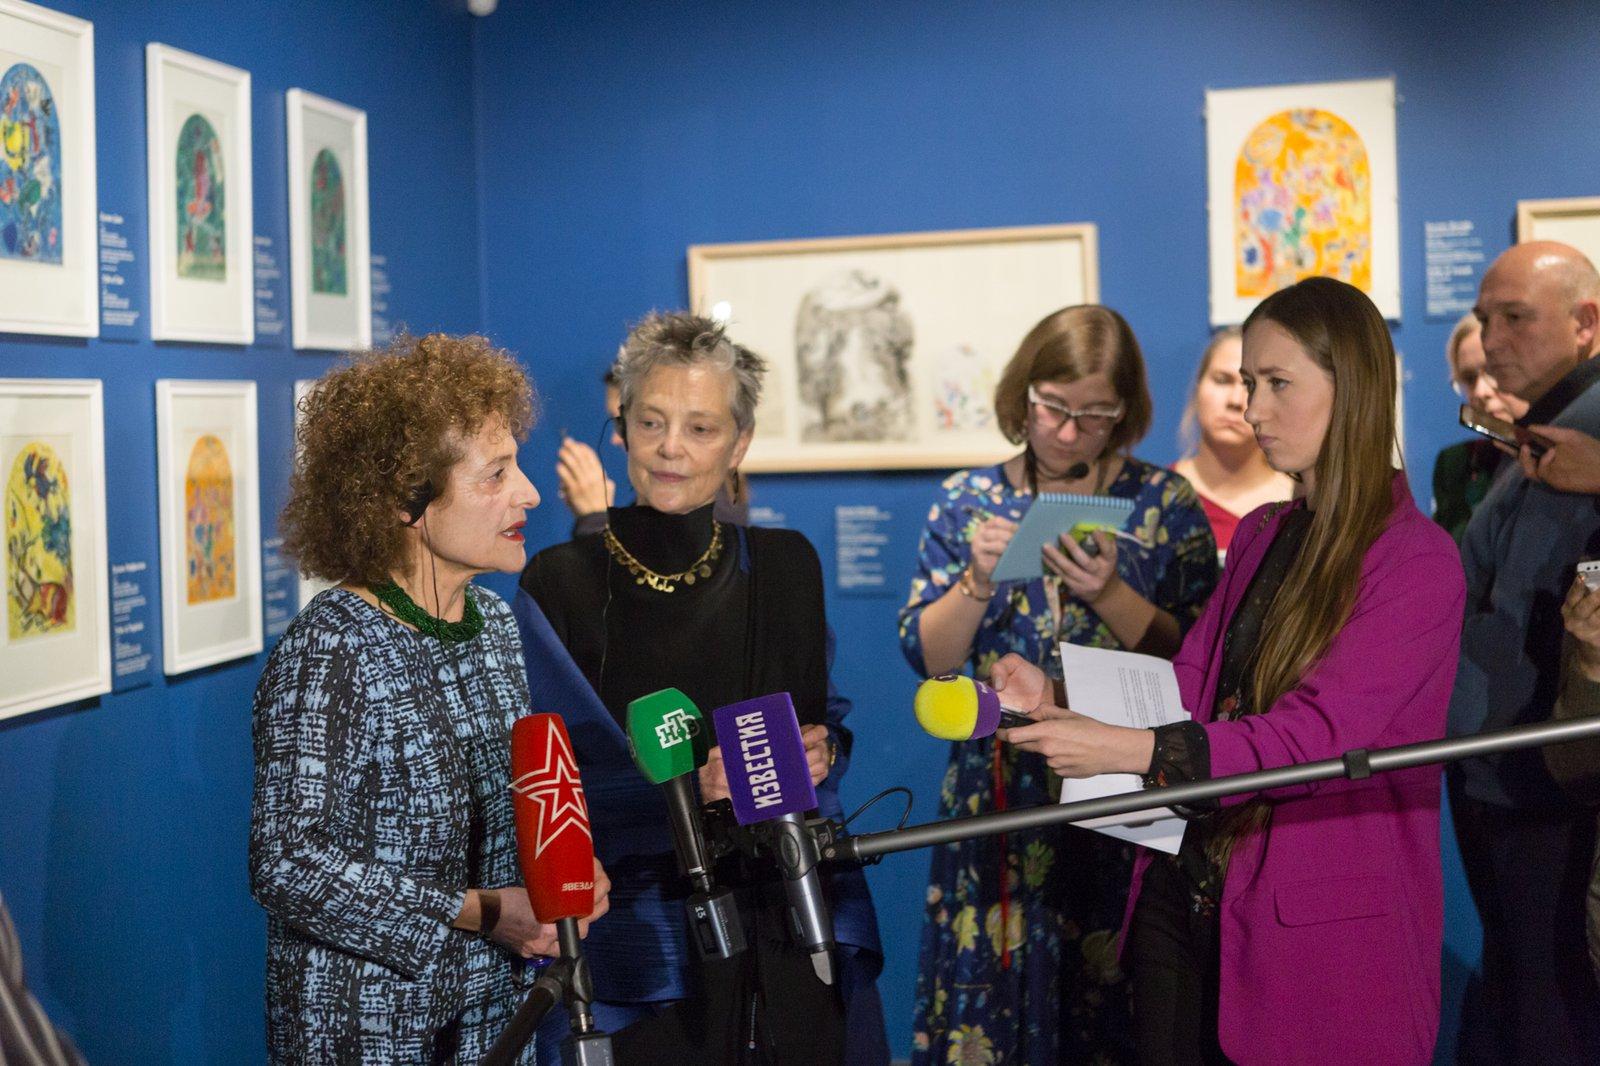 Выставка с картинами Марка Шагала вызвала ажиотаж в первый же день